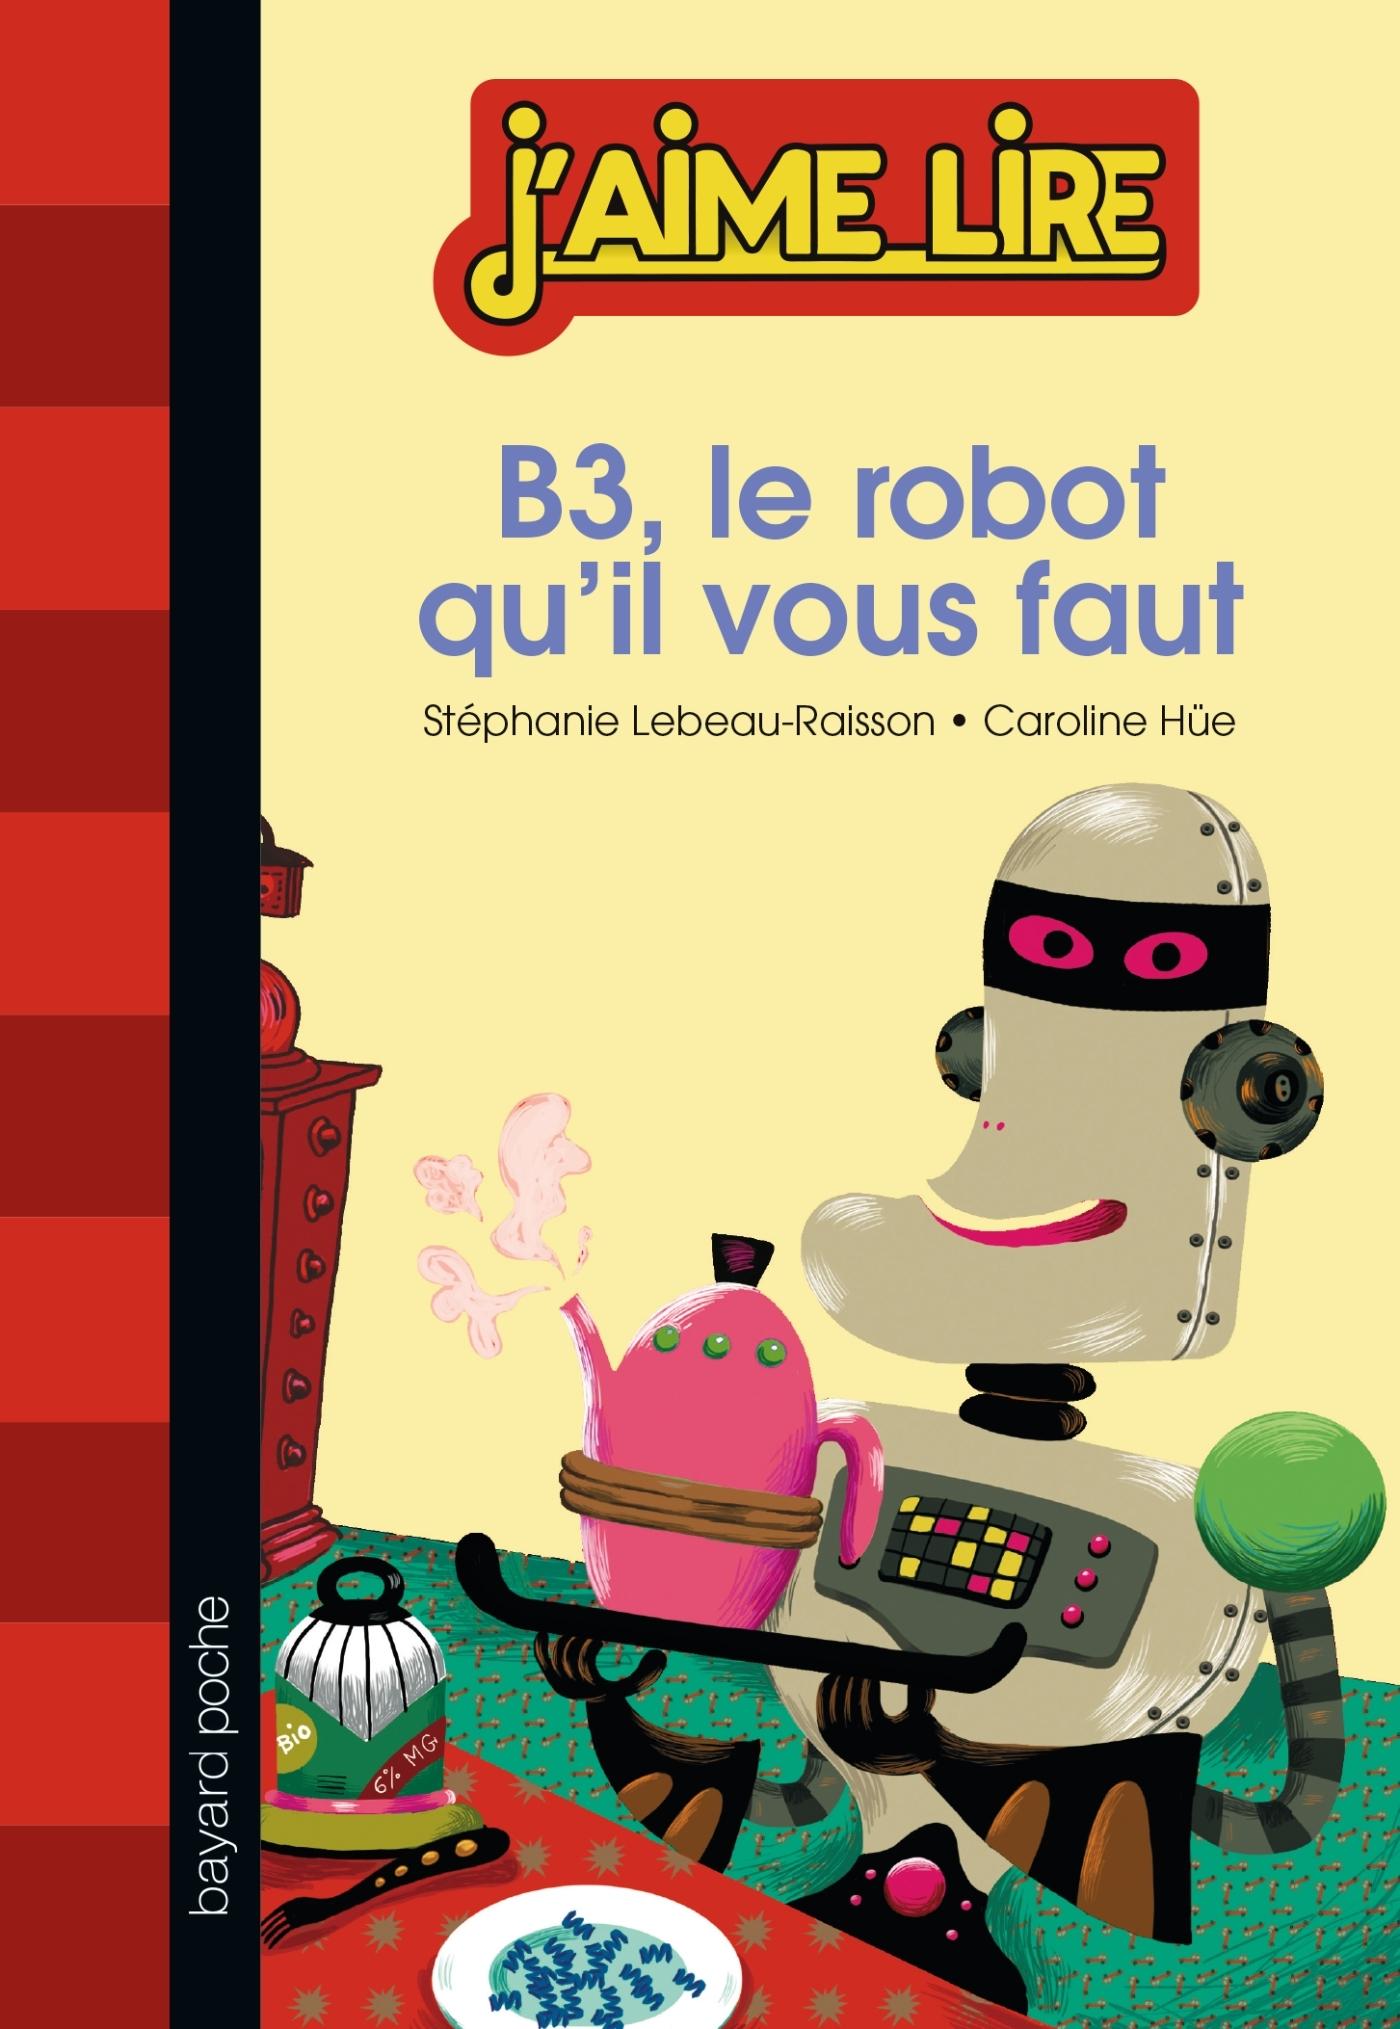 B3 LE ROBOT QU'IL VOUS FAUT